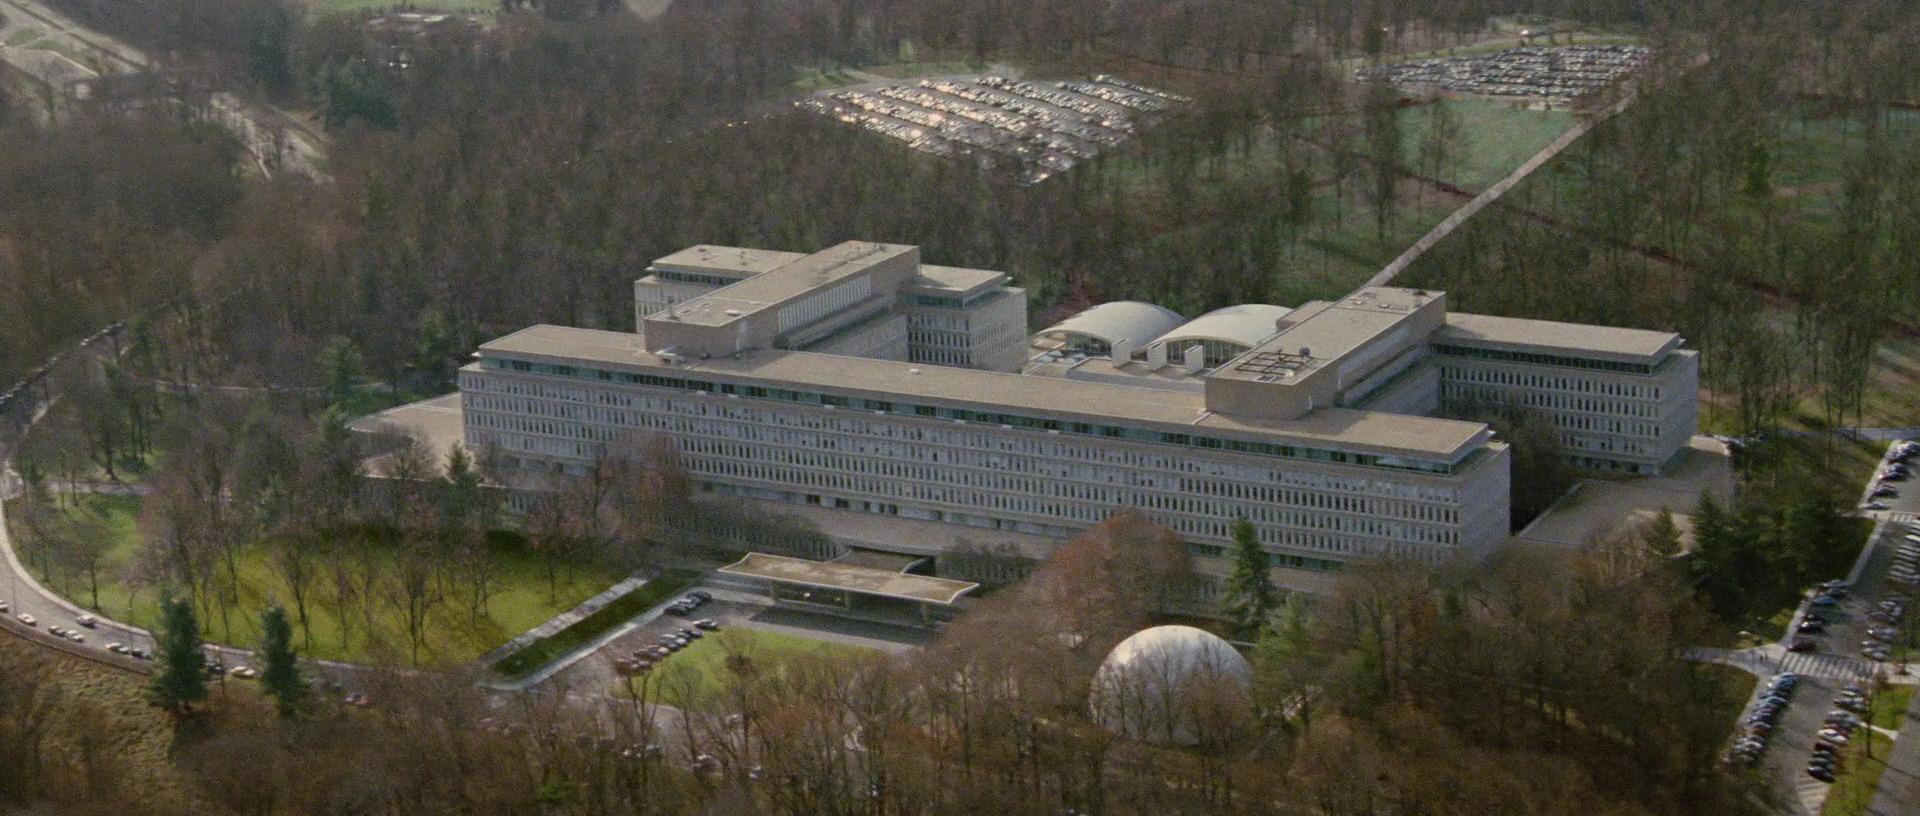 CIA Headquarters   X-Men Movies Wiki   Fandom powered by Wikia Ryan Reynolds Movies